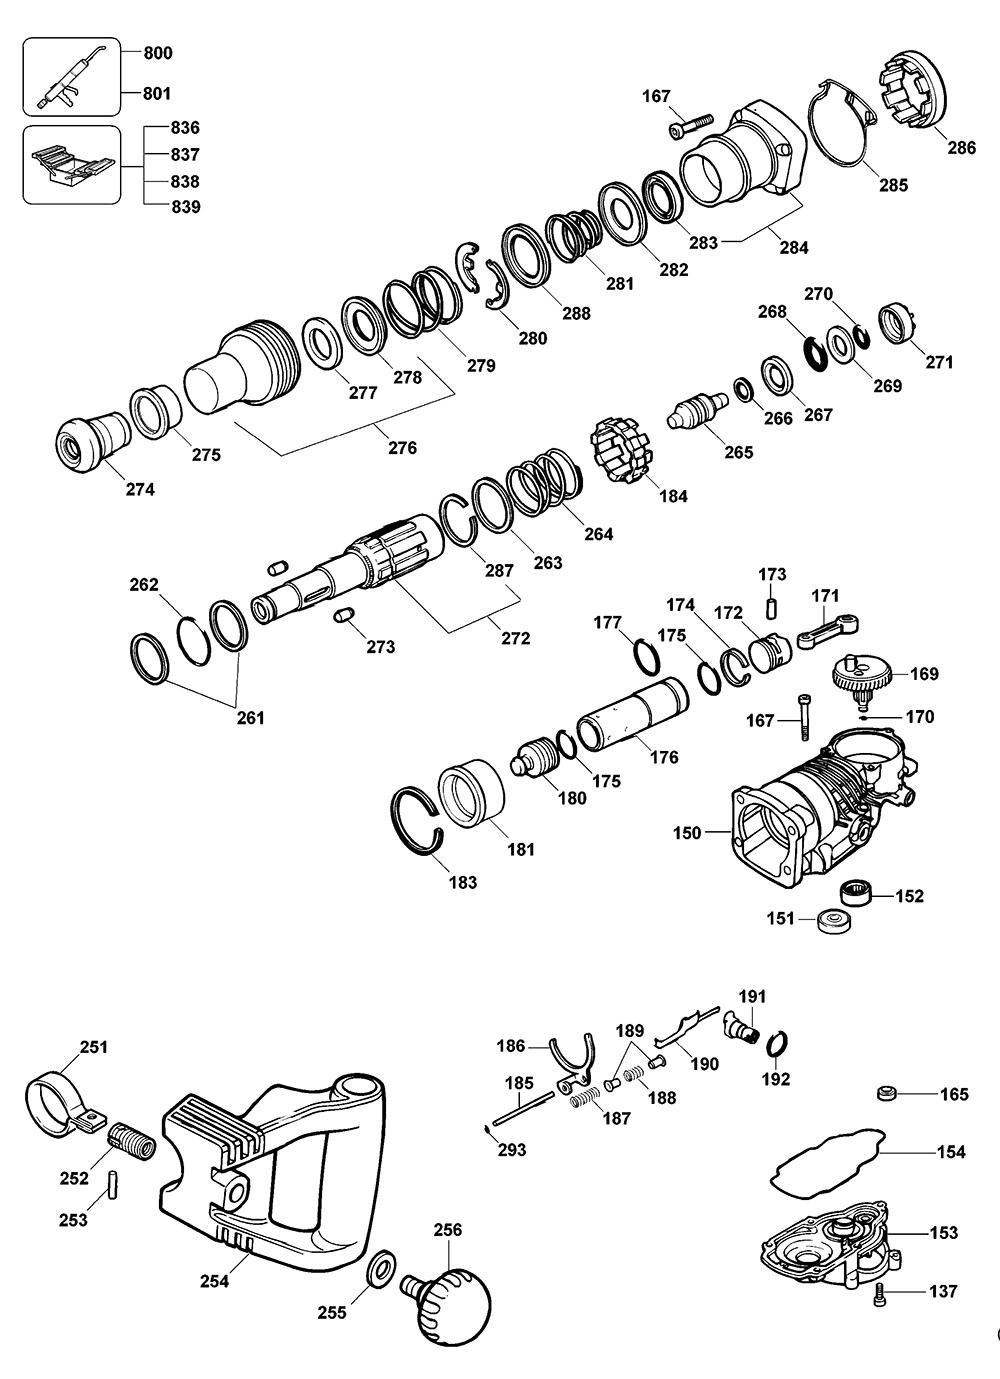 D25830KB2-Dewalt-T2-PB-1Break Down